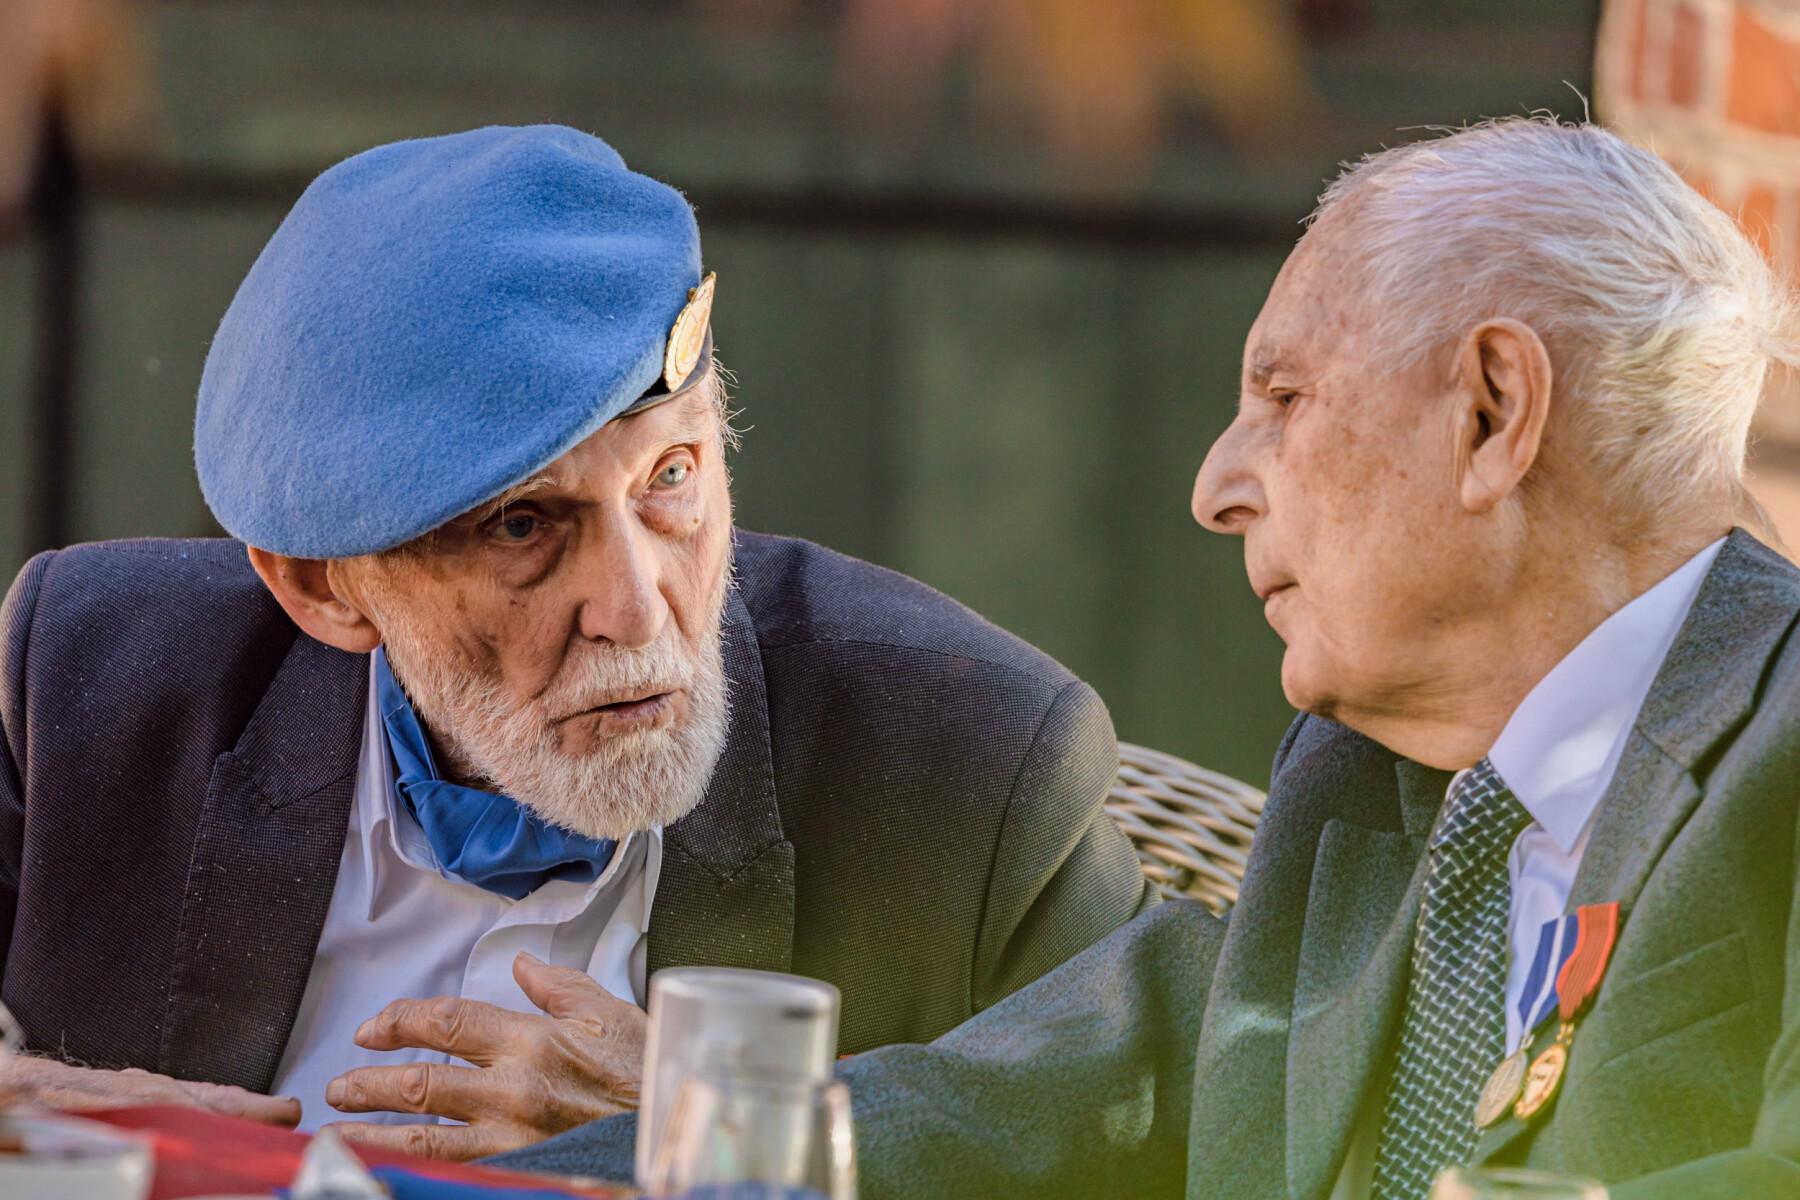 Arne Johan Eliassen og Tor Anton Johannessen i samtale over bløtkake og kaffe etter medaljeseremonien.